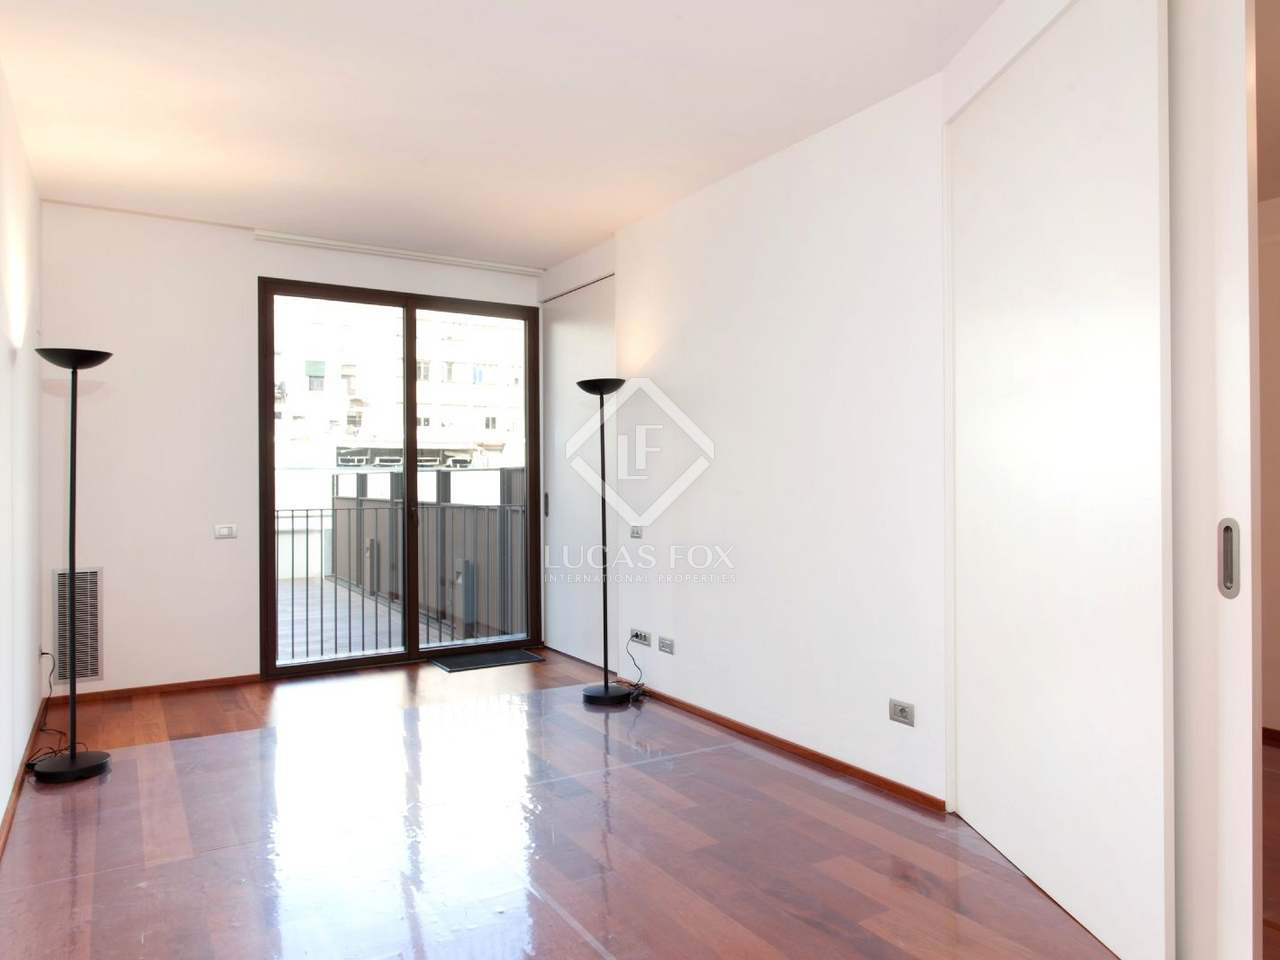 Appartement neuf en vente l 39 eixample de barcelone - Appartement vente barcelone ...